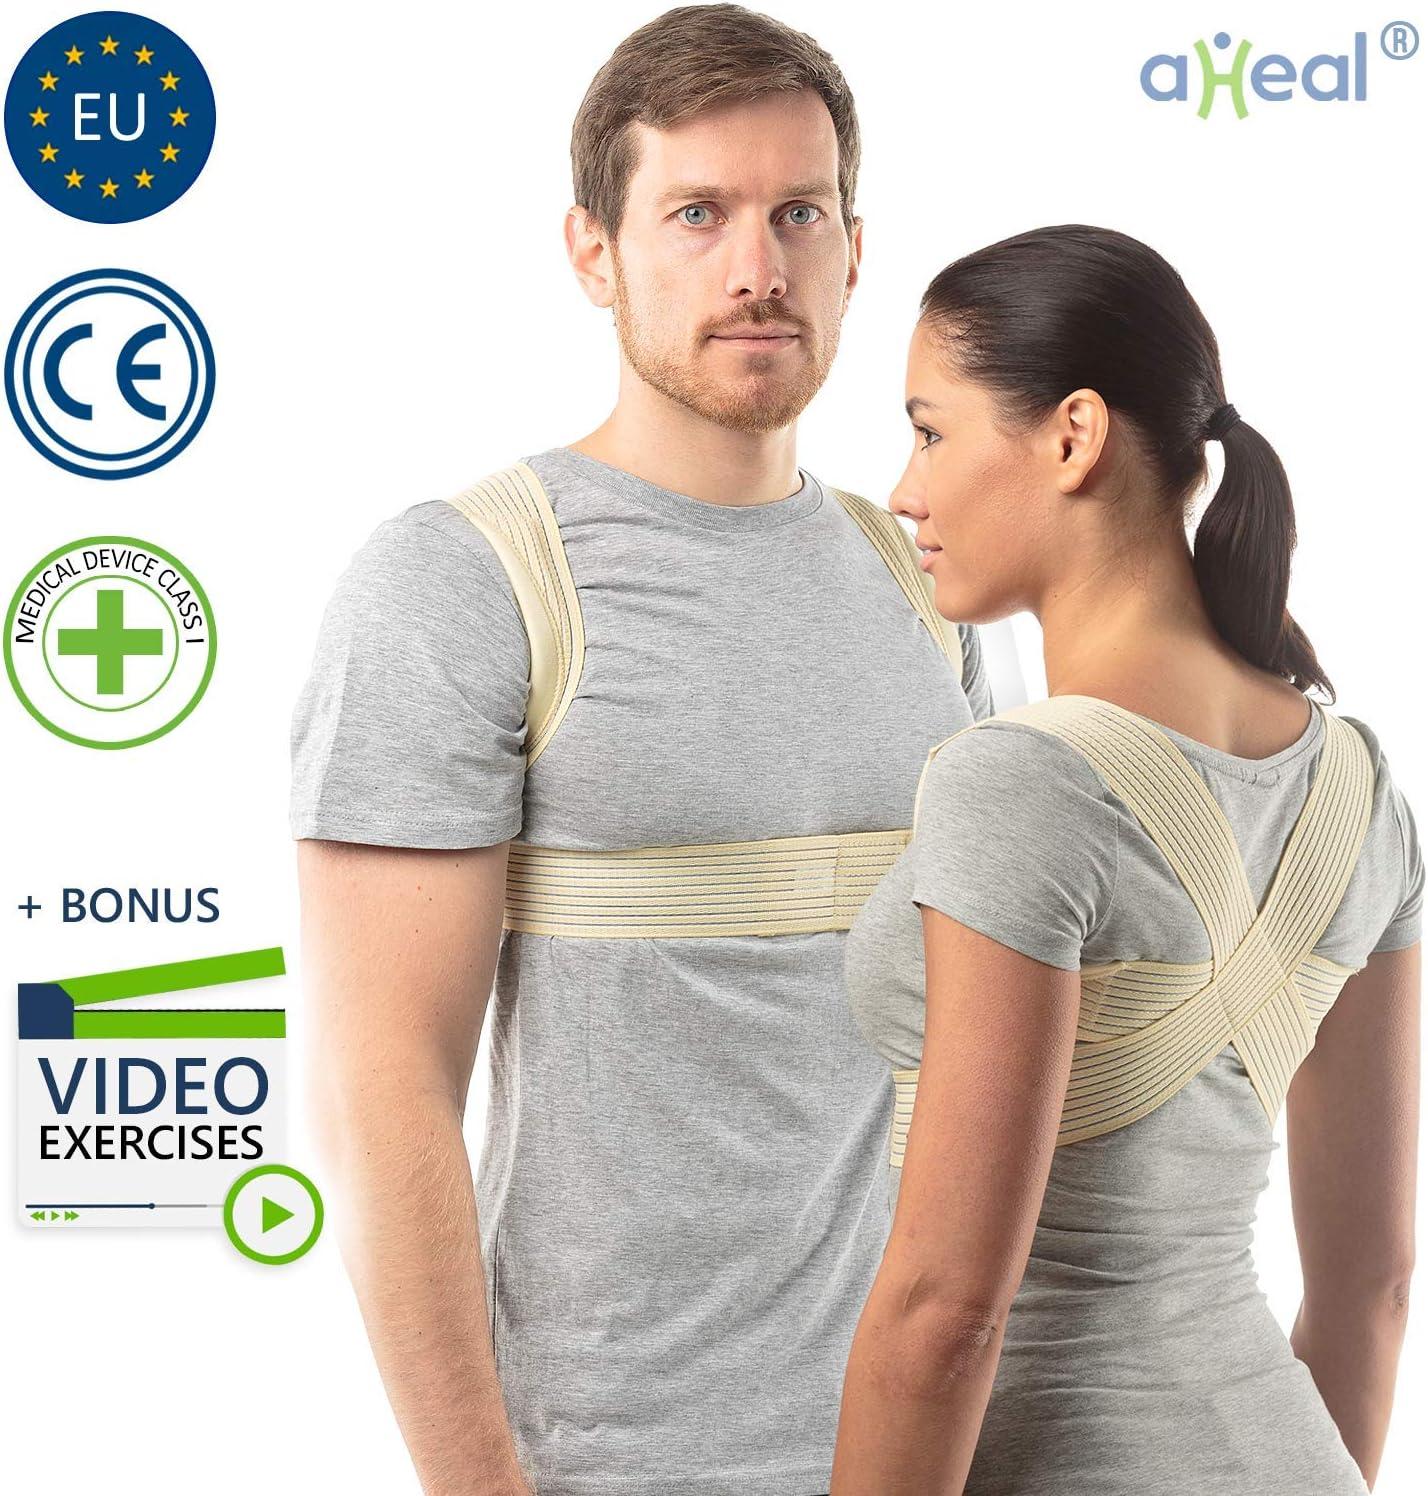 aHeal Corrector de Postura para Hombre y Mujer | Soporte para Corregir la Postura | Corsé Ortopédico para Escoliosis Cifosis | Alivio del Dolor de Espalda y Corrector de Mala Postura | Talla 2 Piel